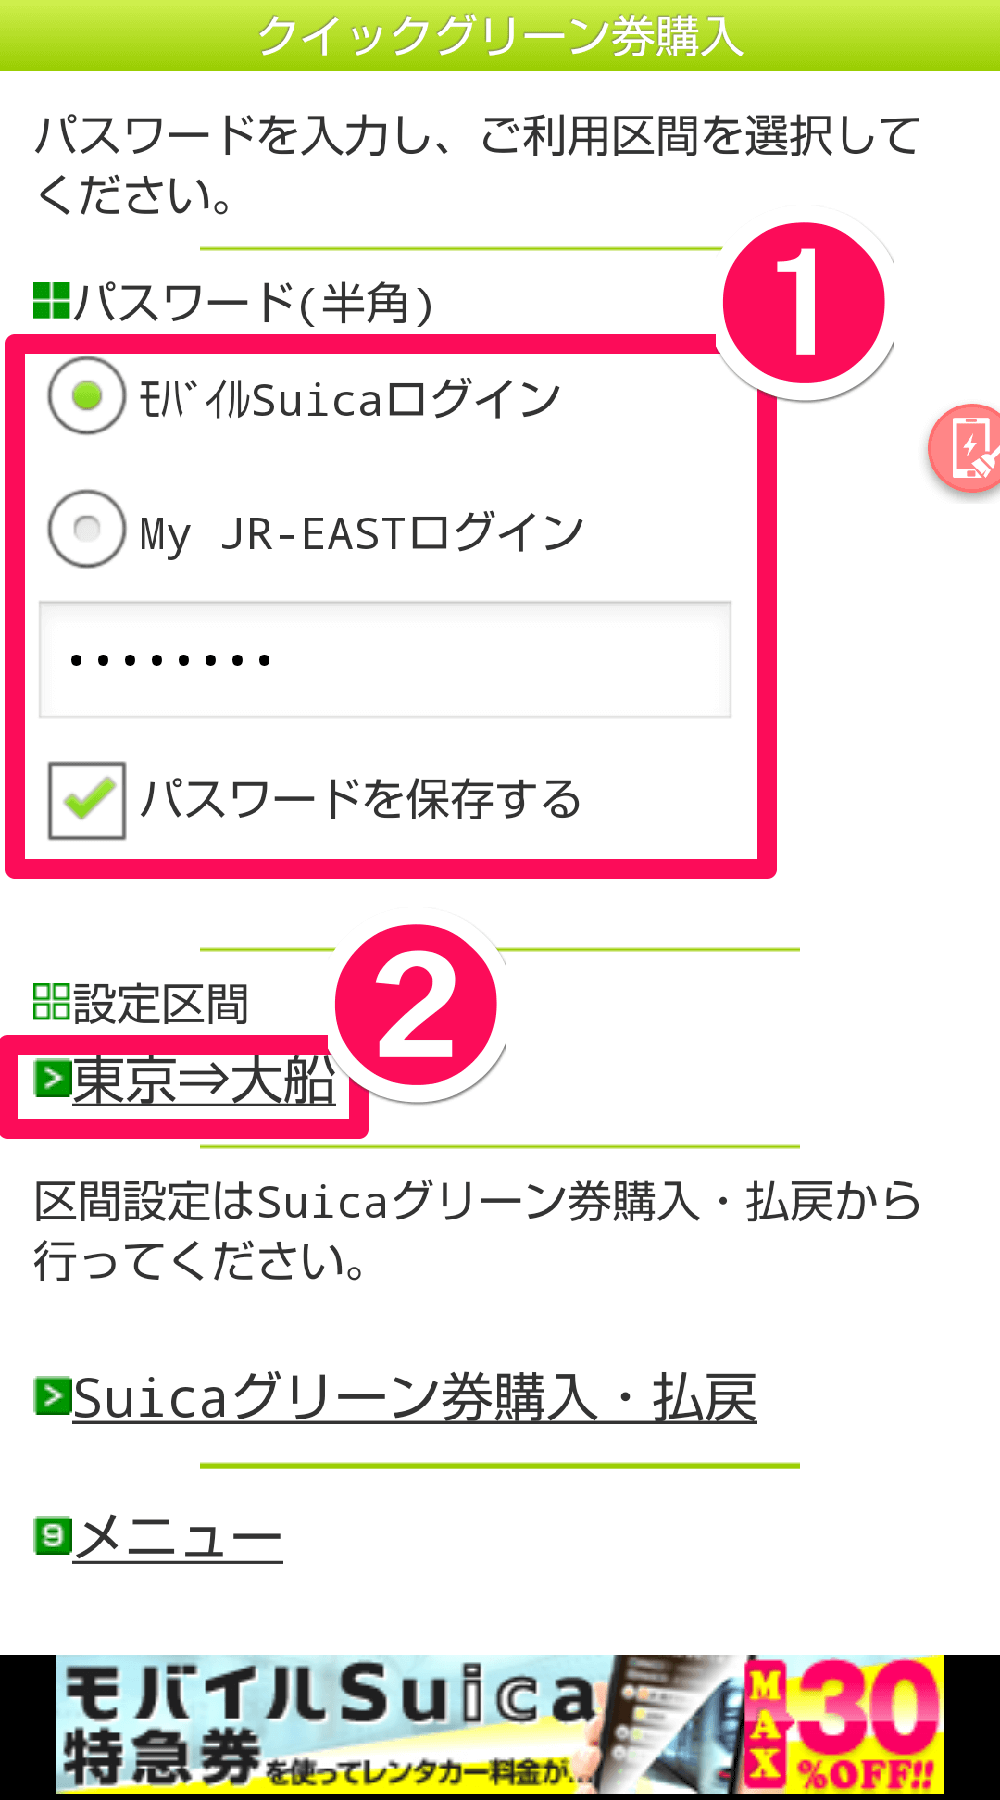 Android(アンドロイド)スマートフォン版「モバイルSuica」アプリの「クイックグリーン券購入」画面